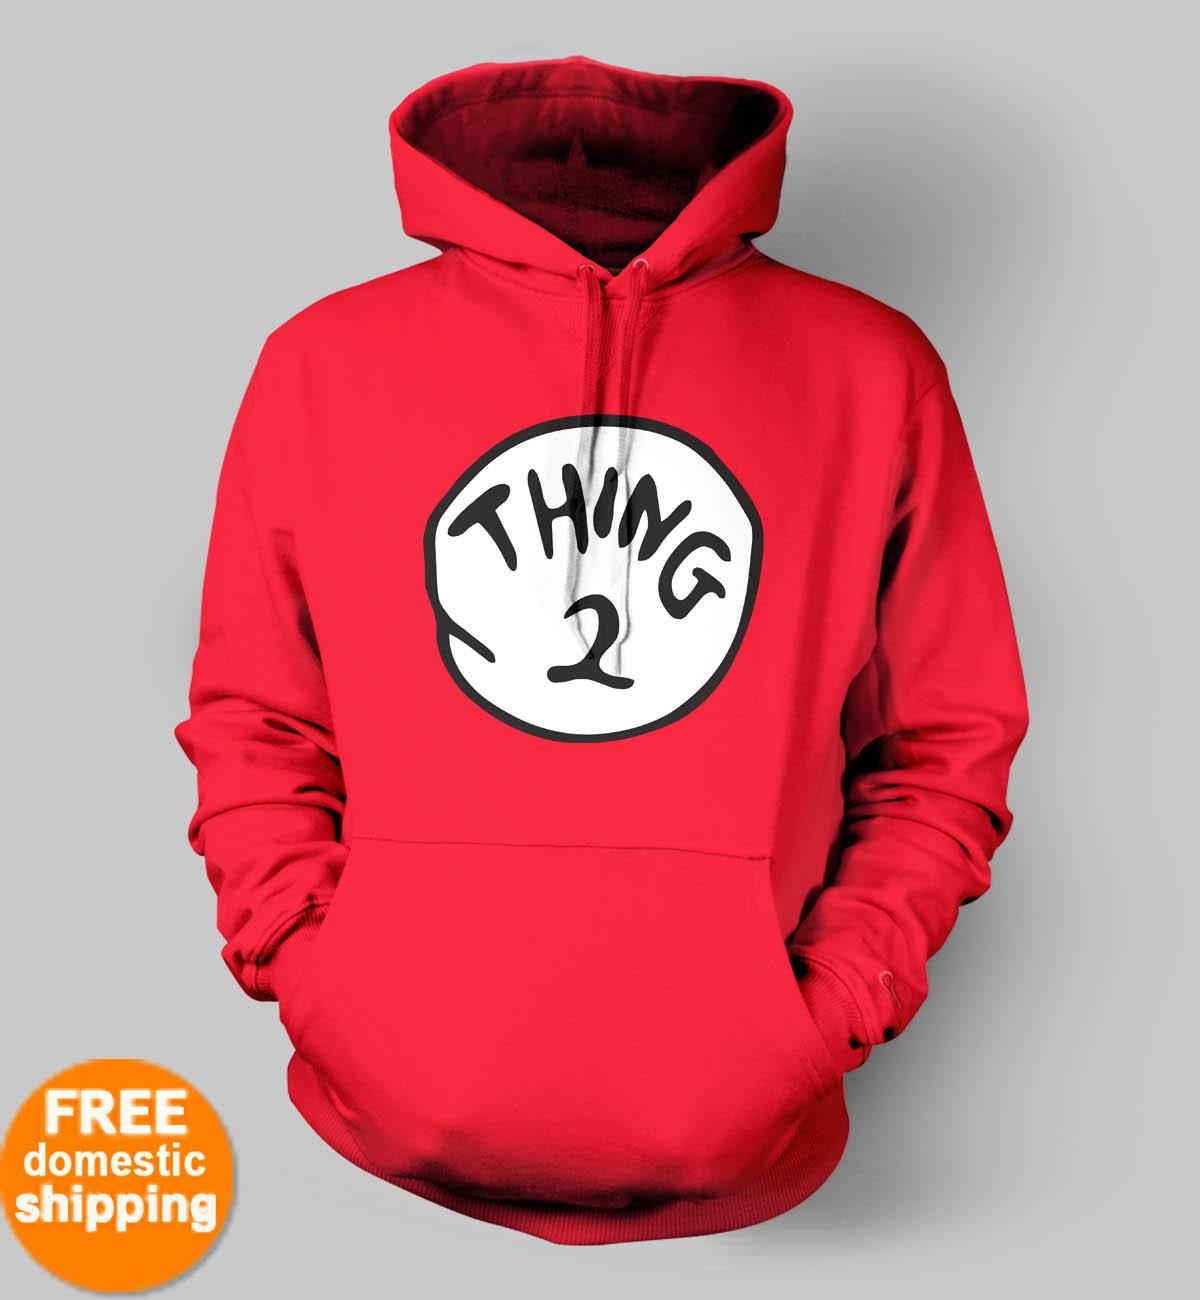 Thing_2